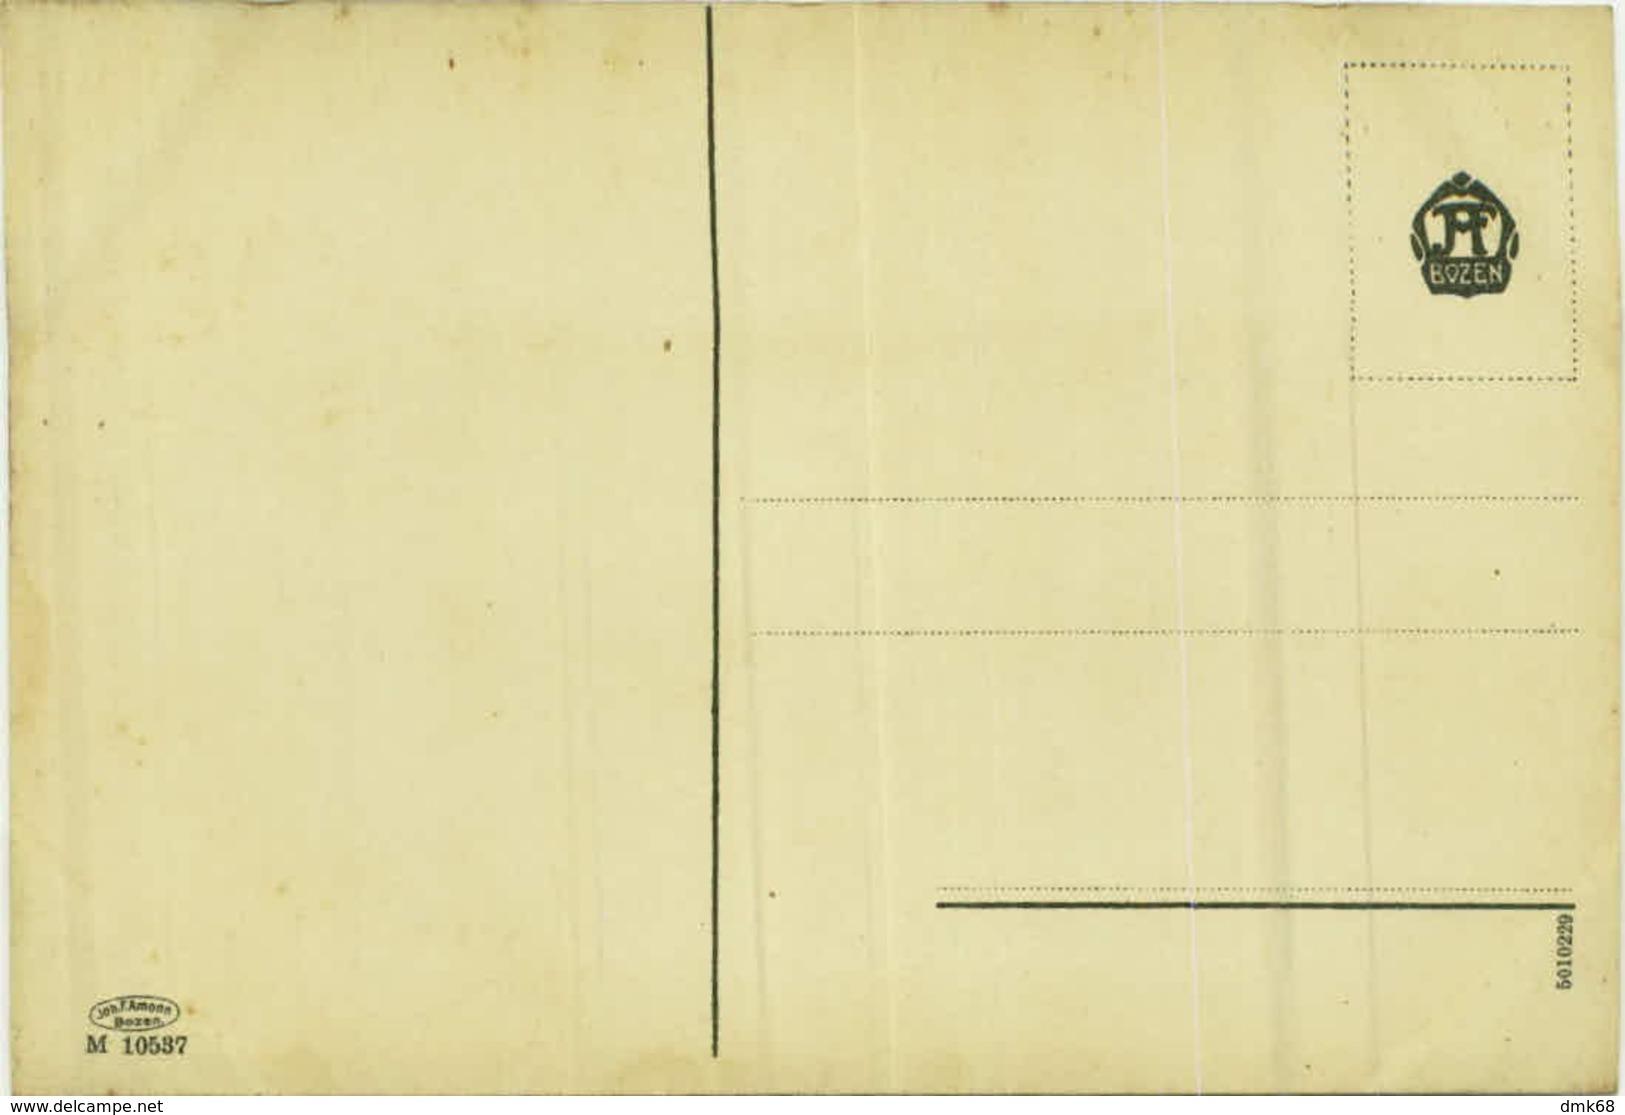 VON DER SPITZE DES ORTLER IN TIROL - EDIT J.H.AMONN BOZEN  - 1910s (BG4691) - Bolzano (Bozen)